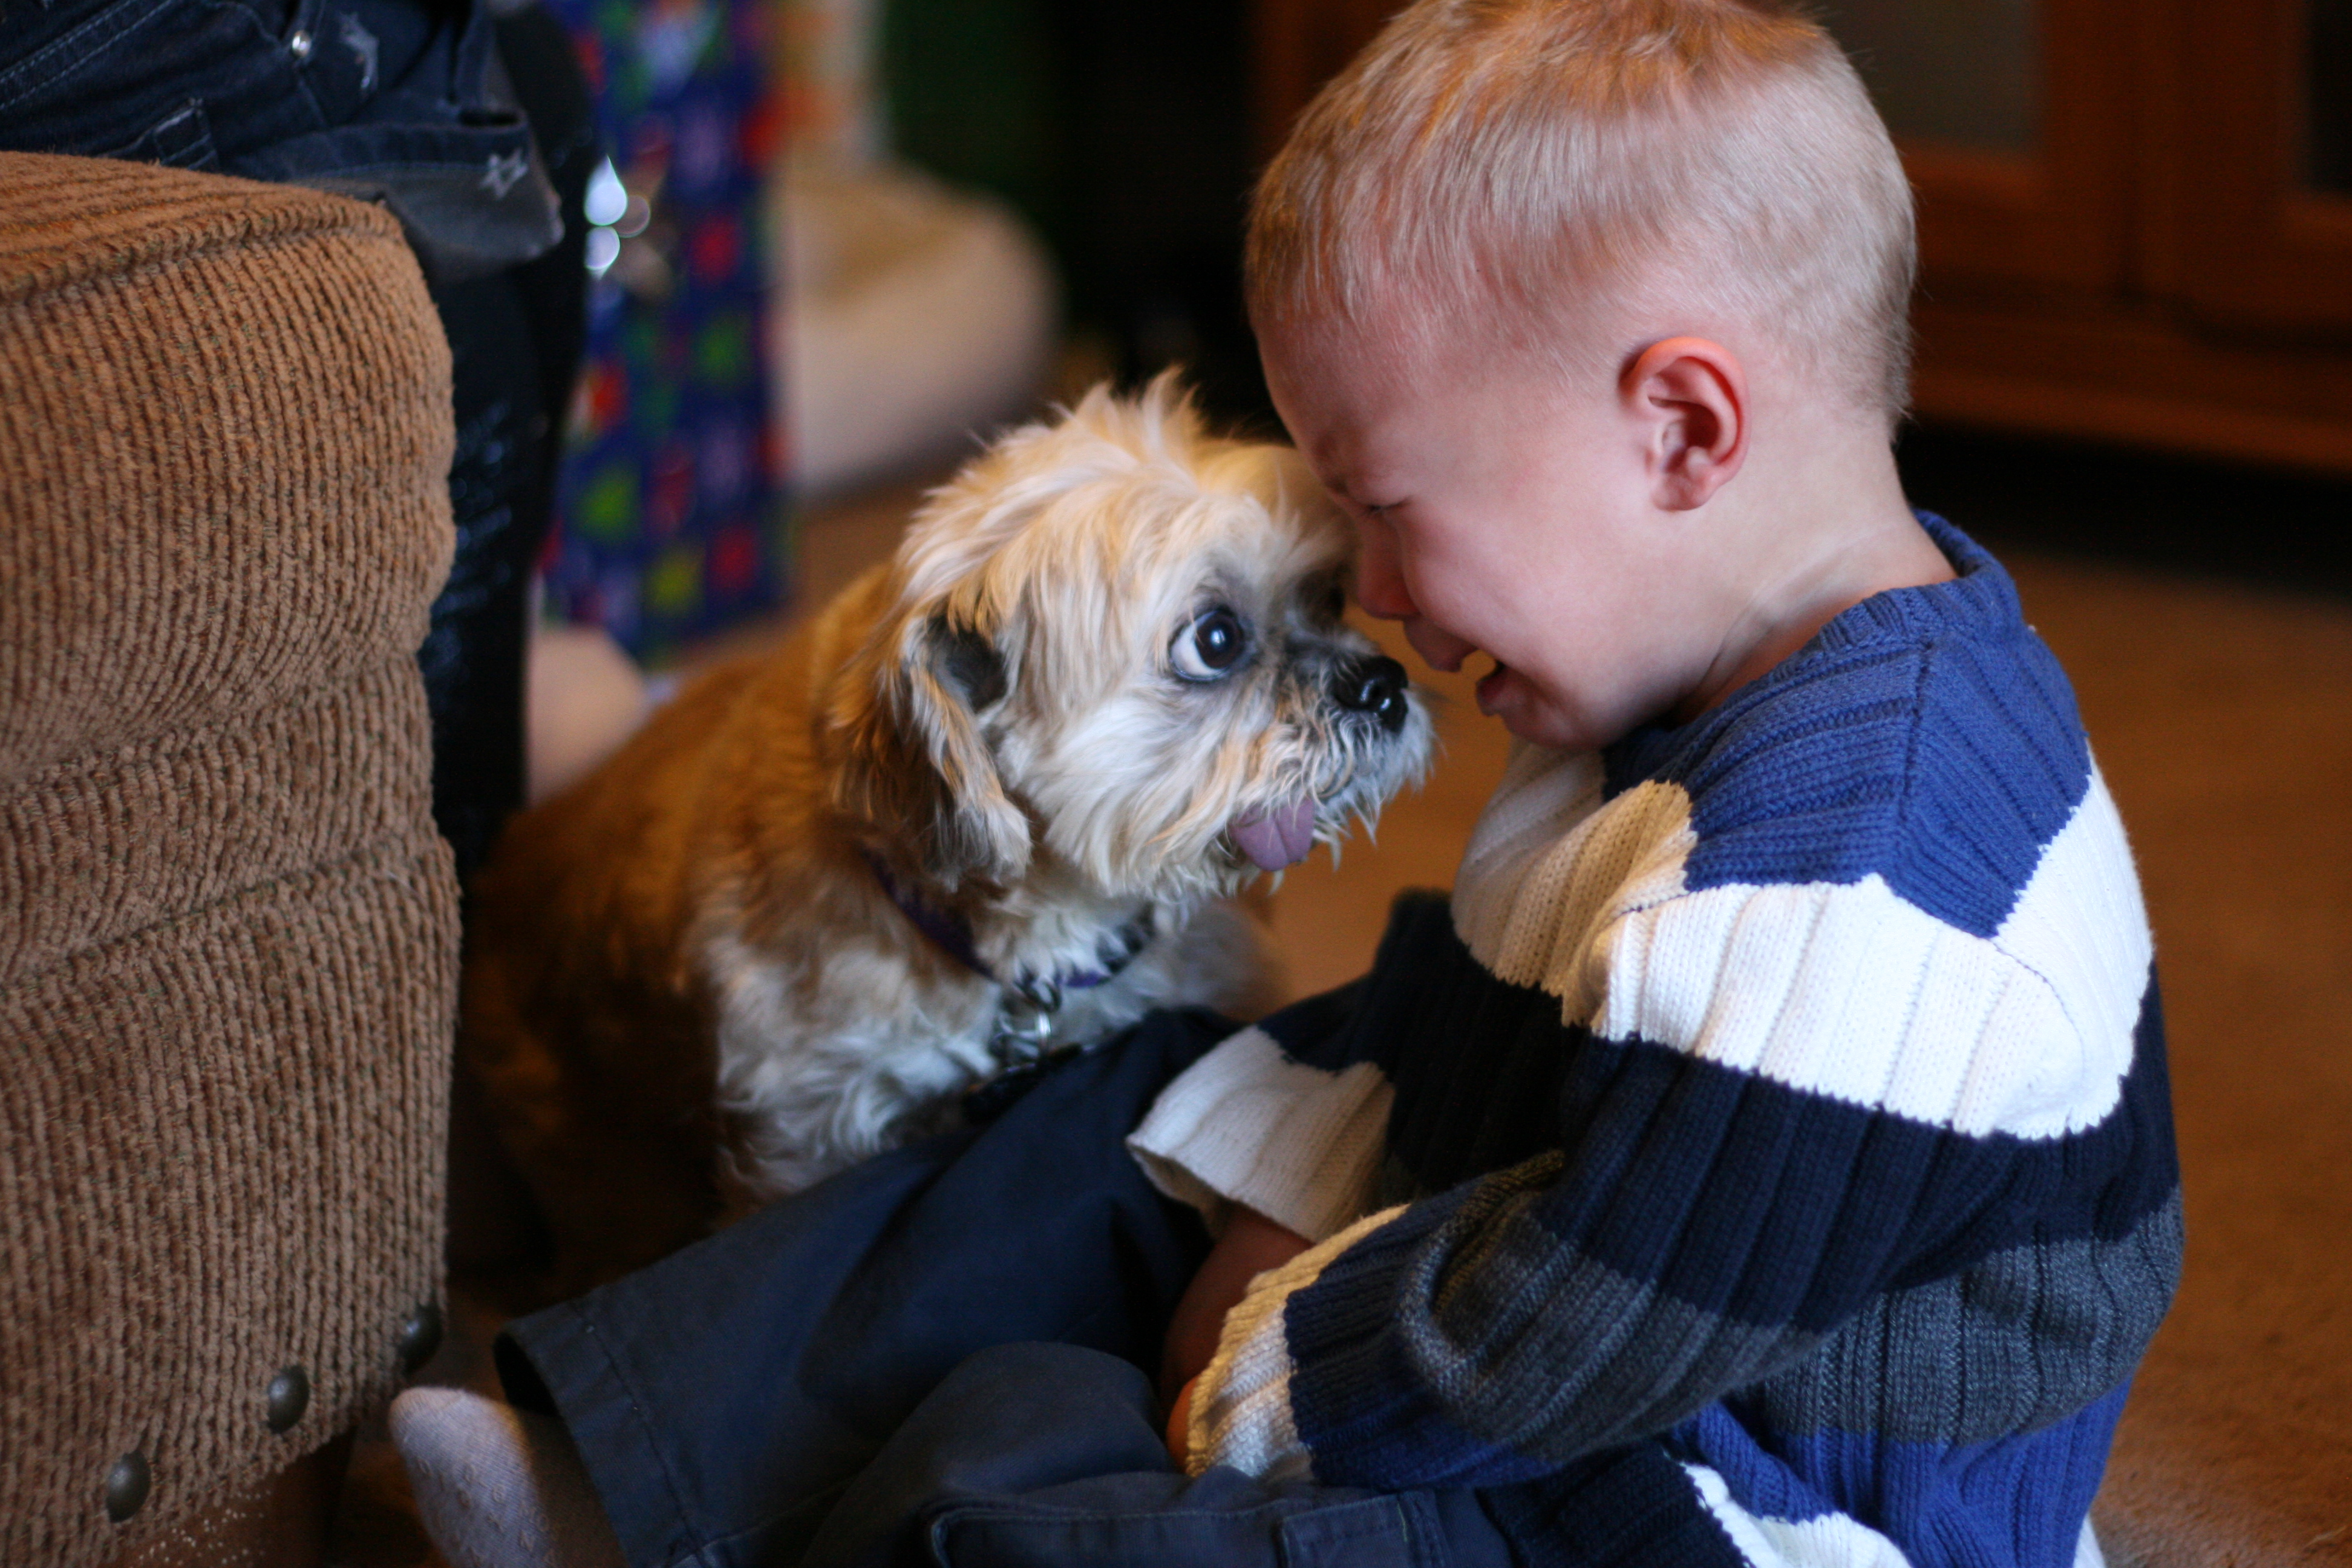 Fotografías demuestran que todo niño necesita una mascota